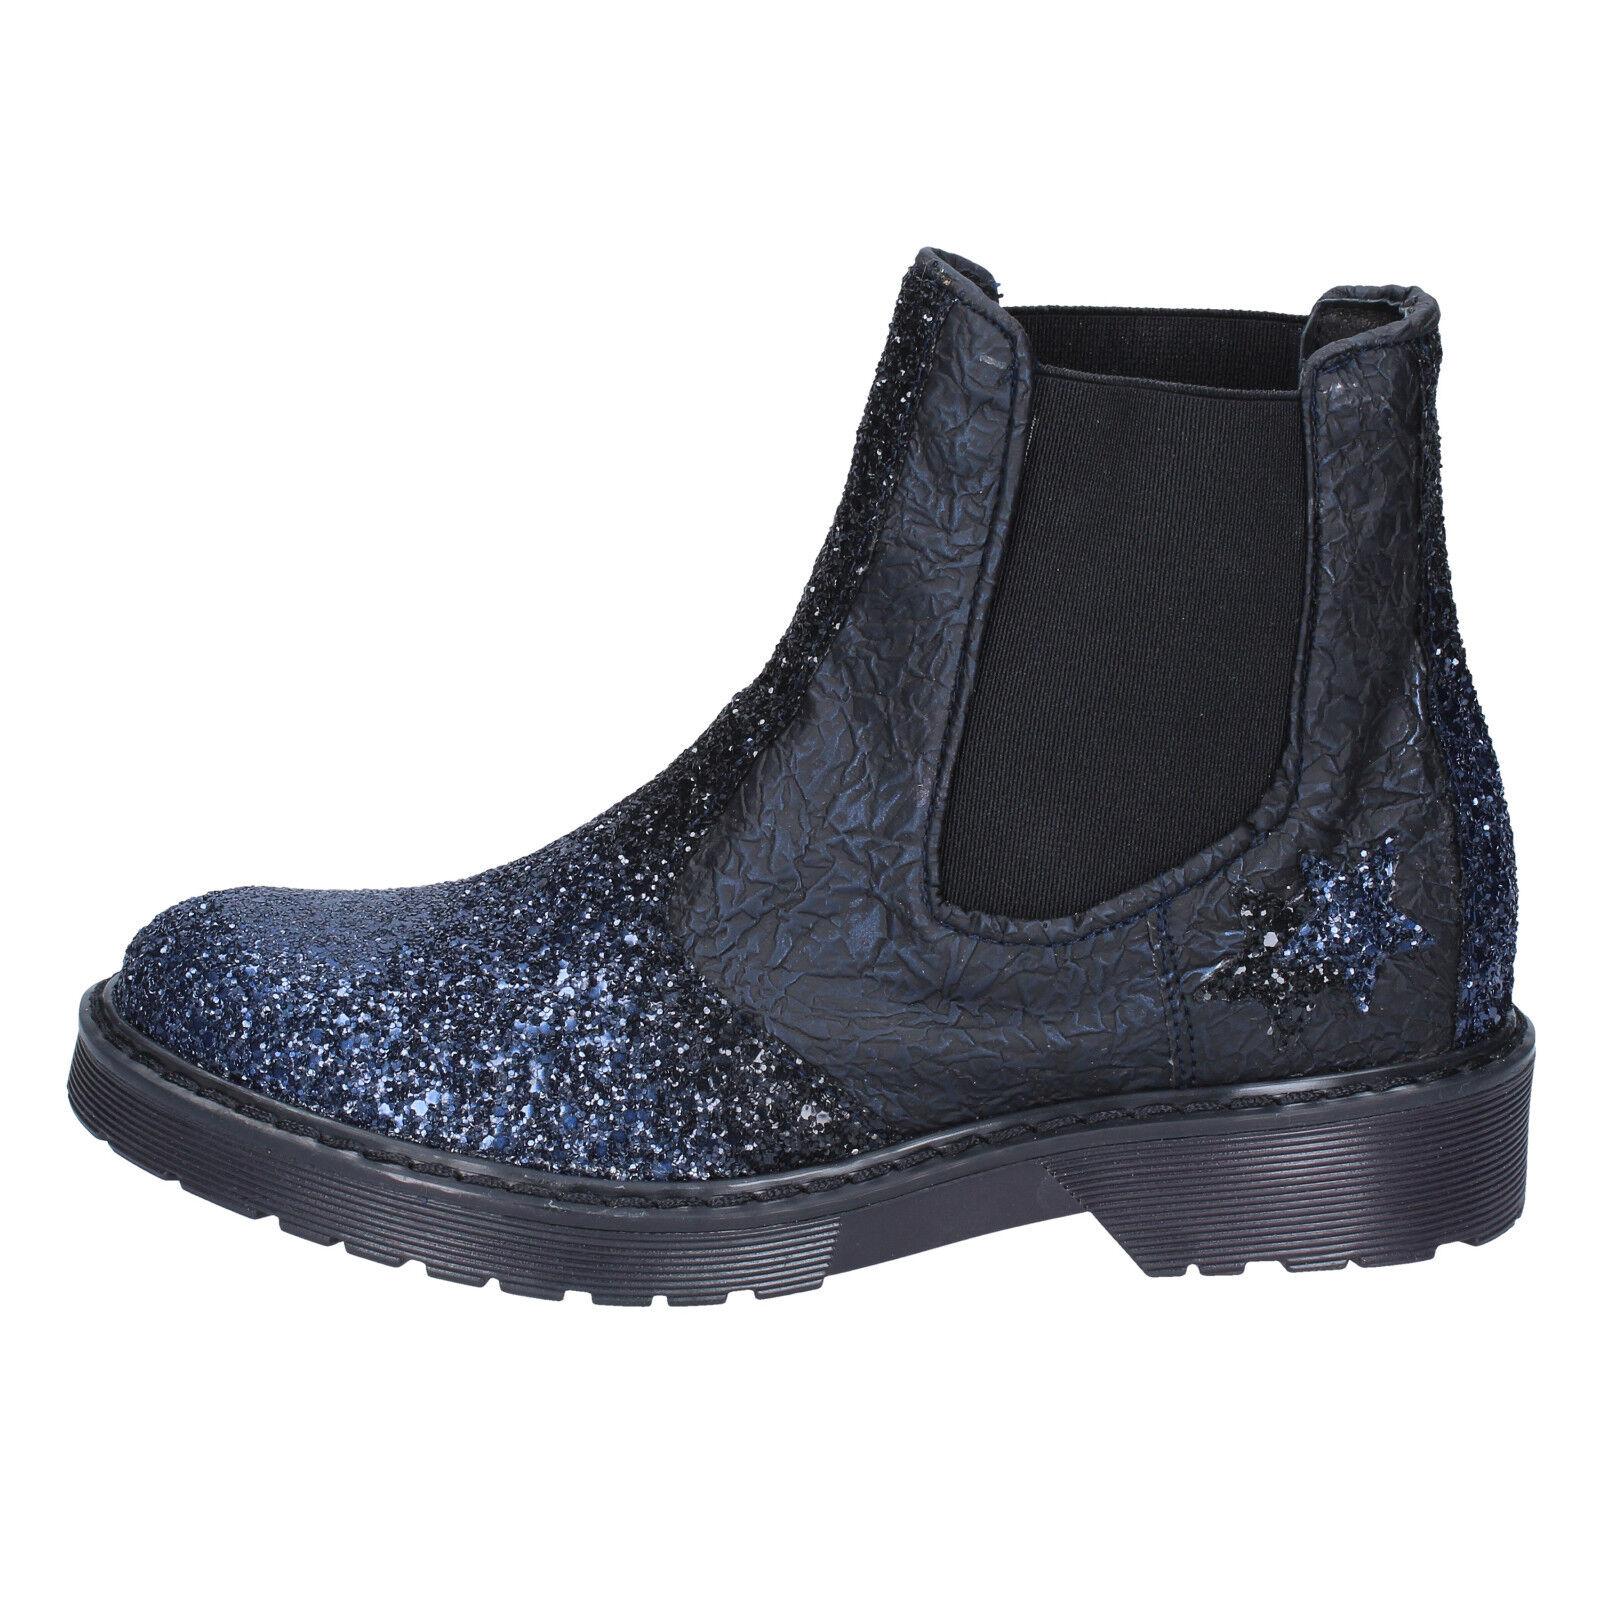 Damen schuhe 2 STAR 41 stiefeletten schwarz blau leder paillettes BX375-41